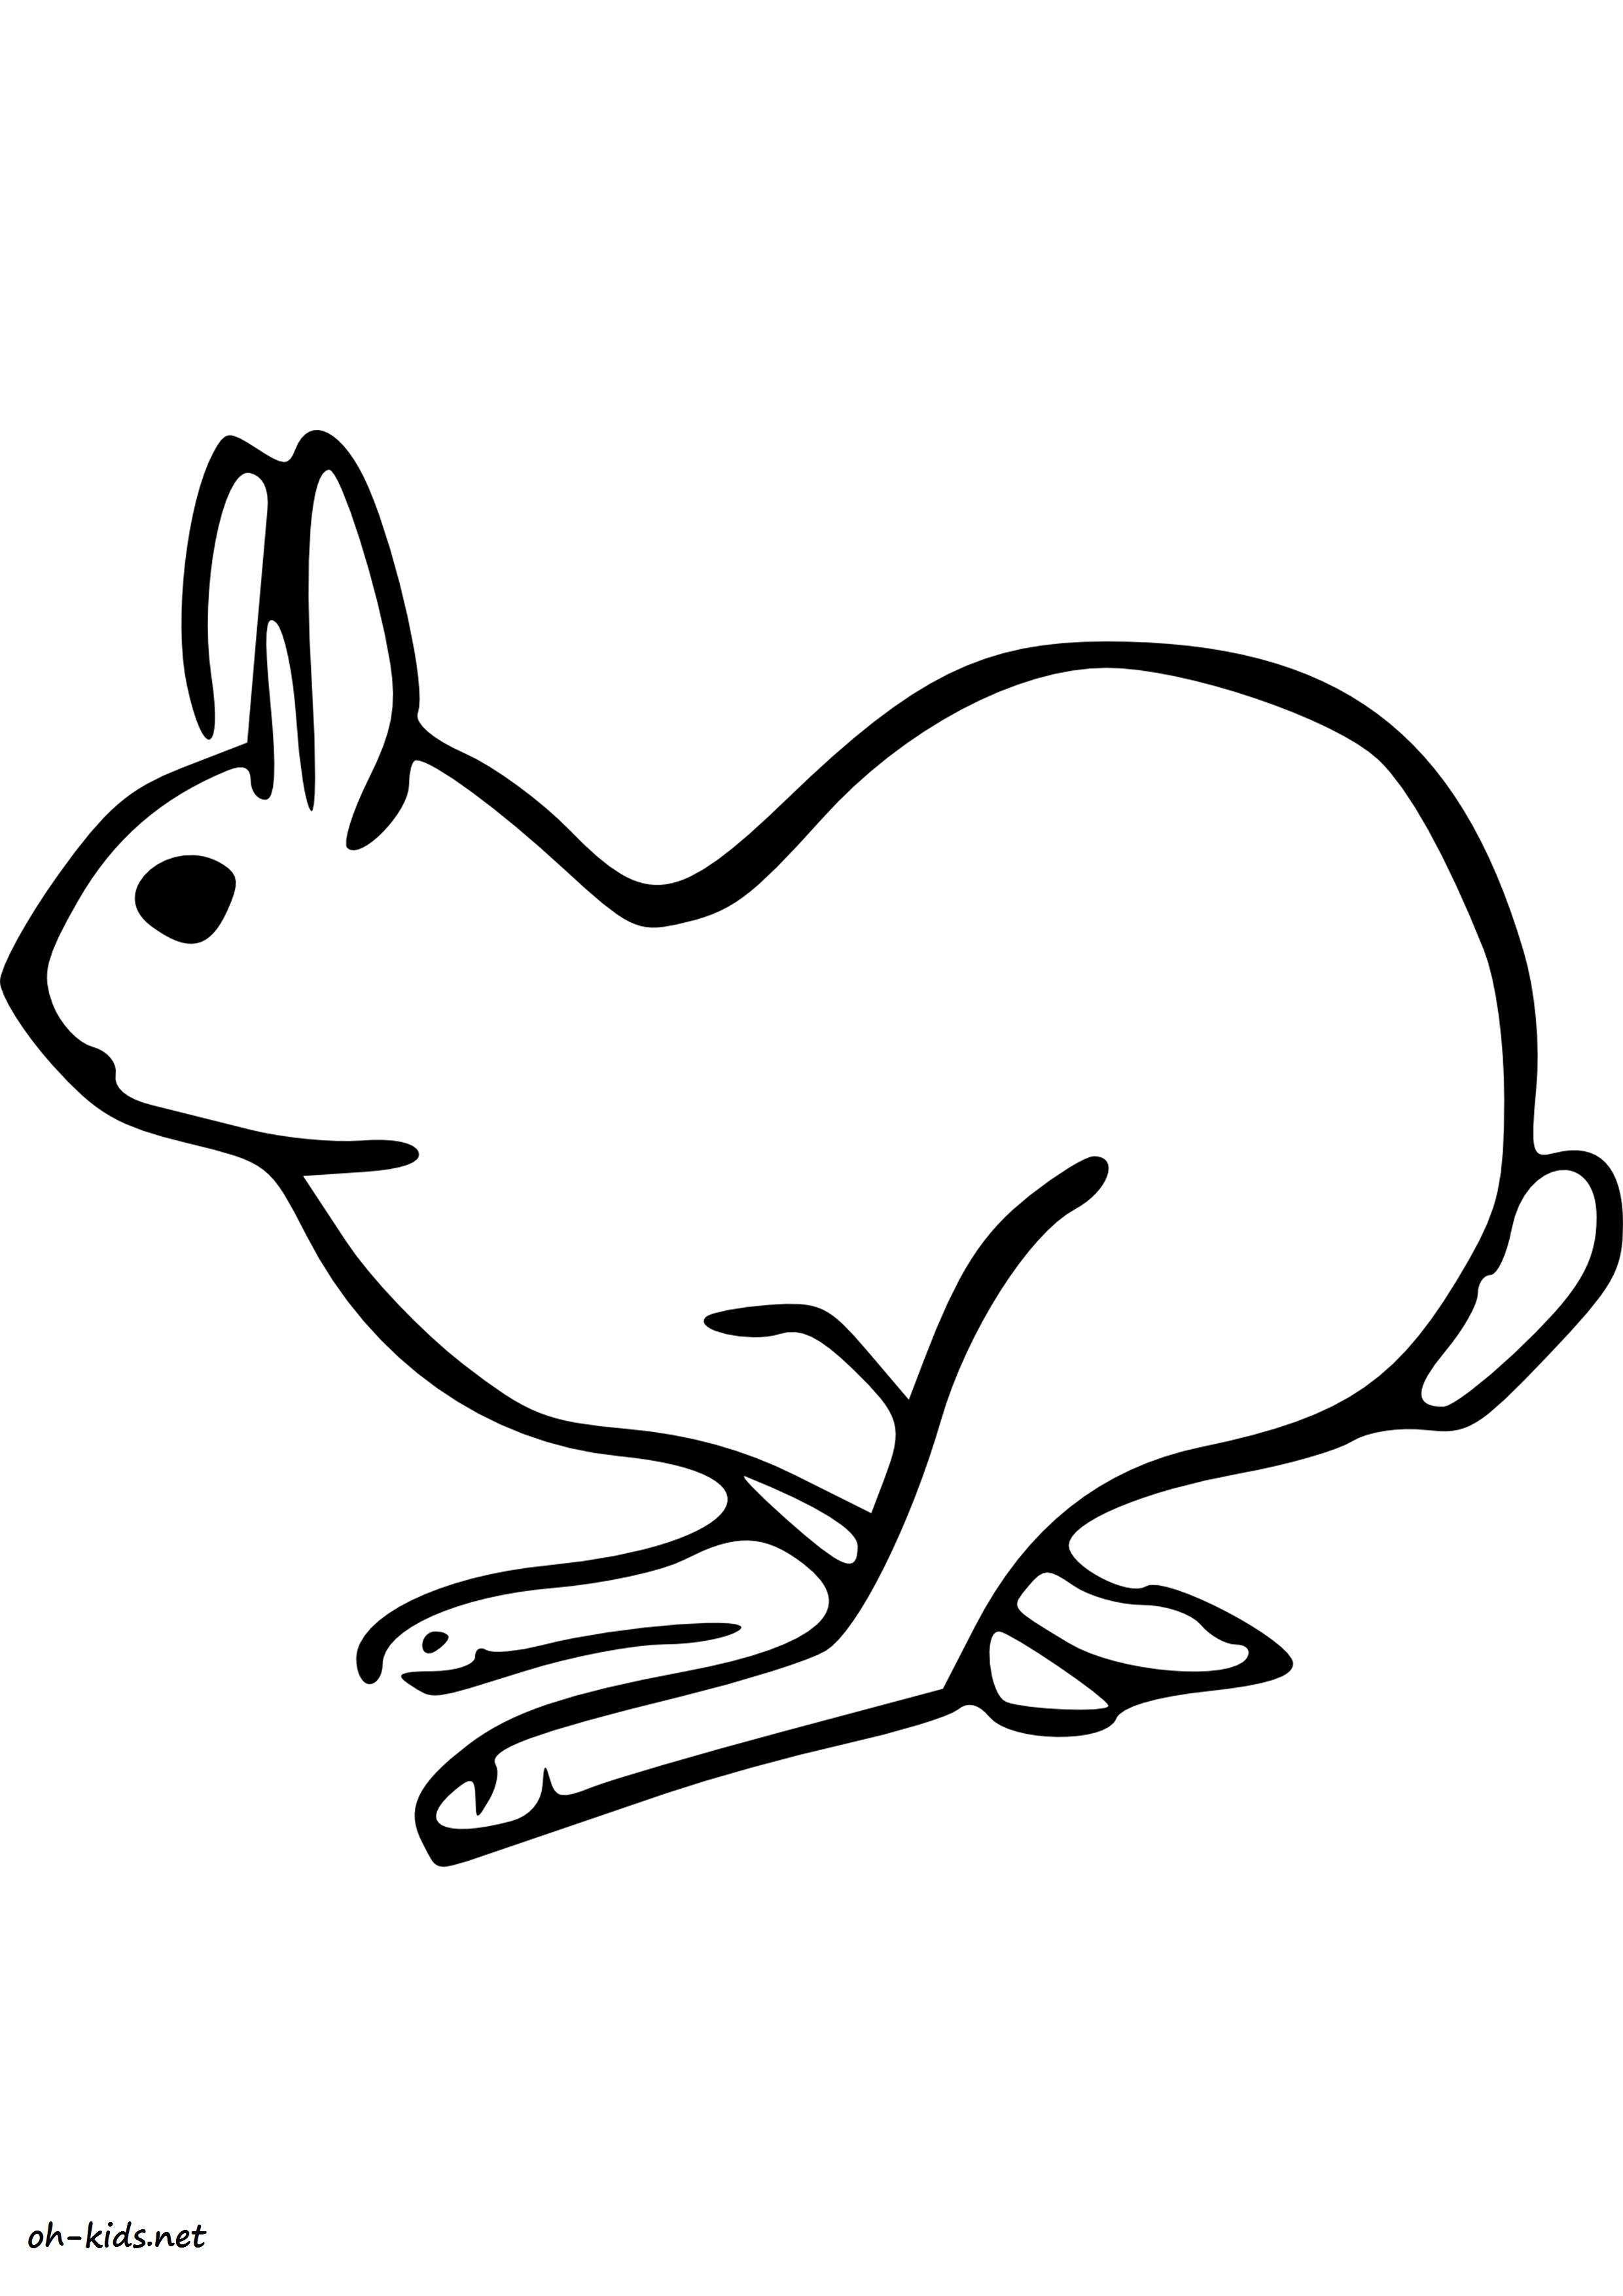 dessin de lièvre gratuit à imprimer et colorier - Dessin #1637